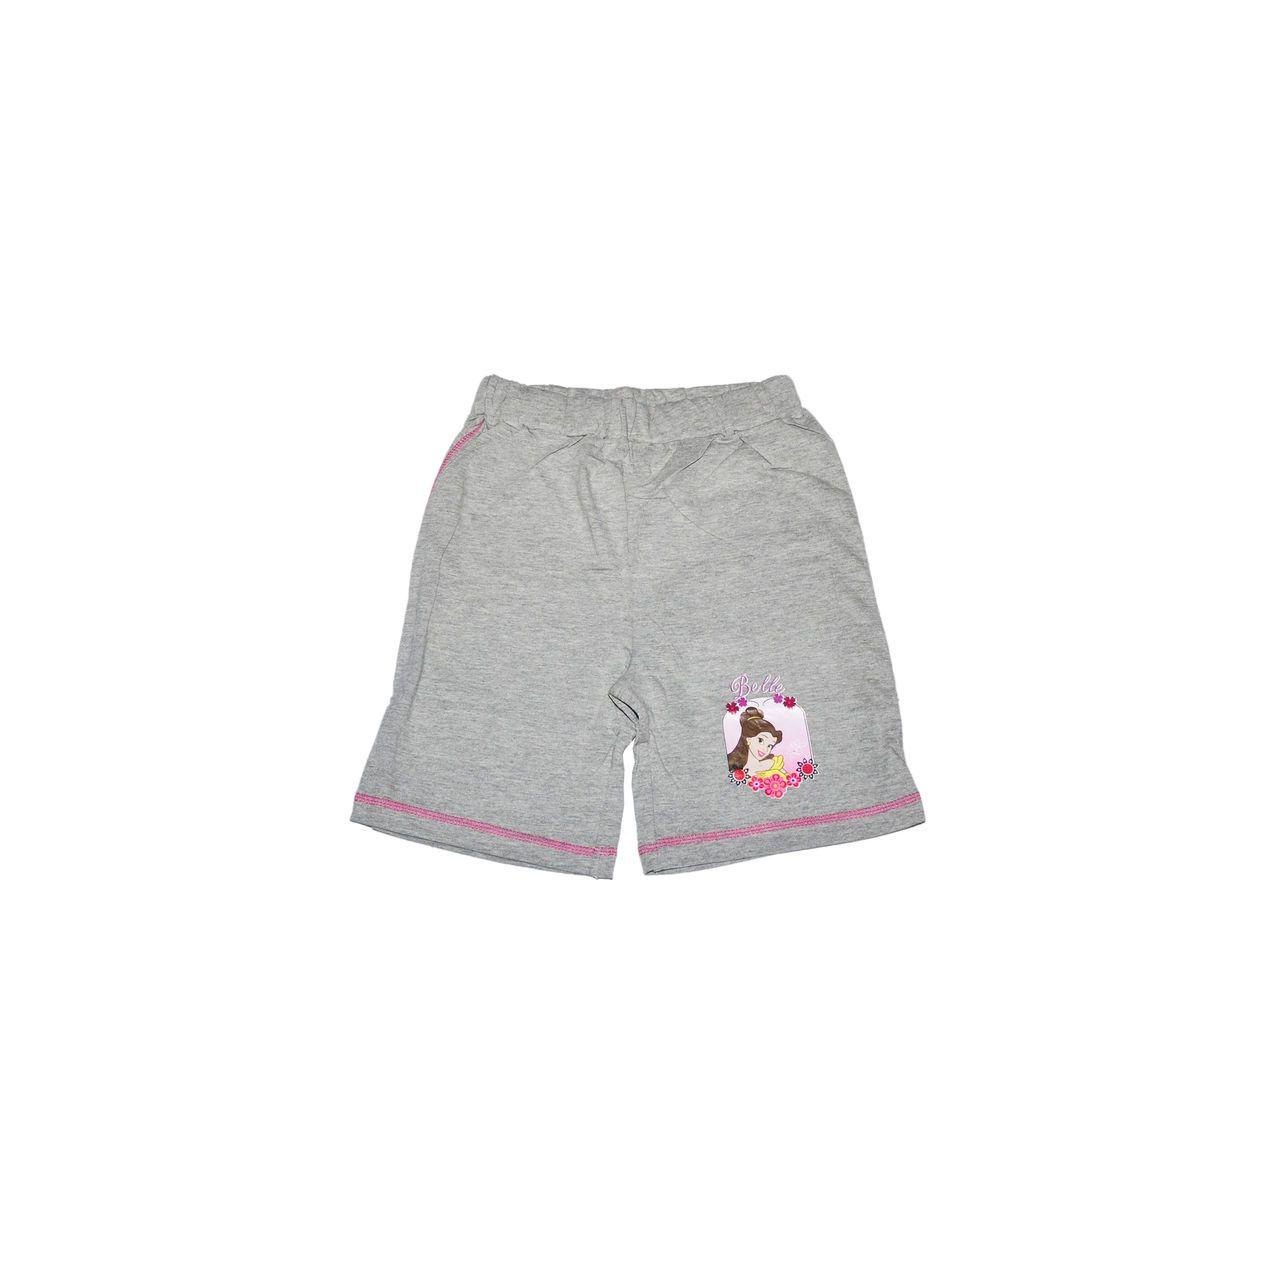 Fubu Grey Shorts